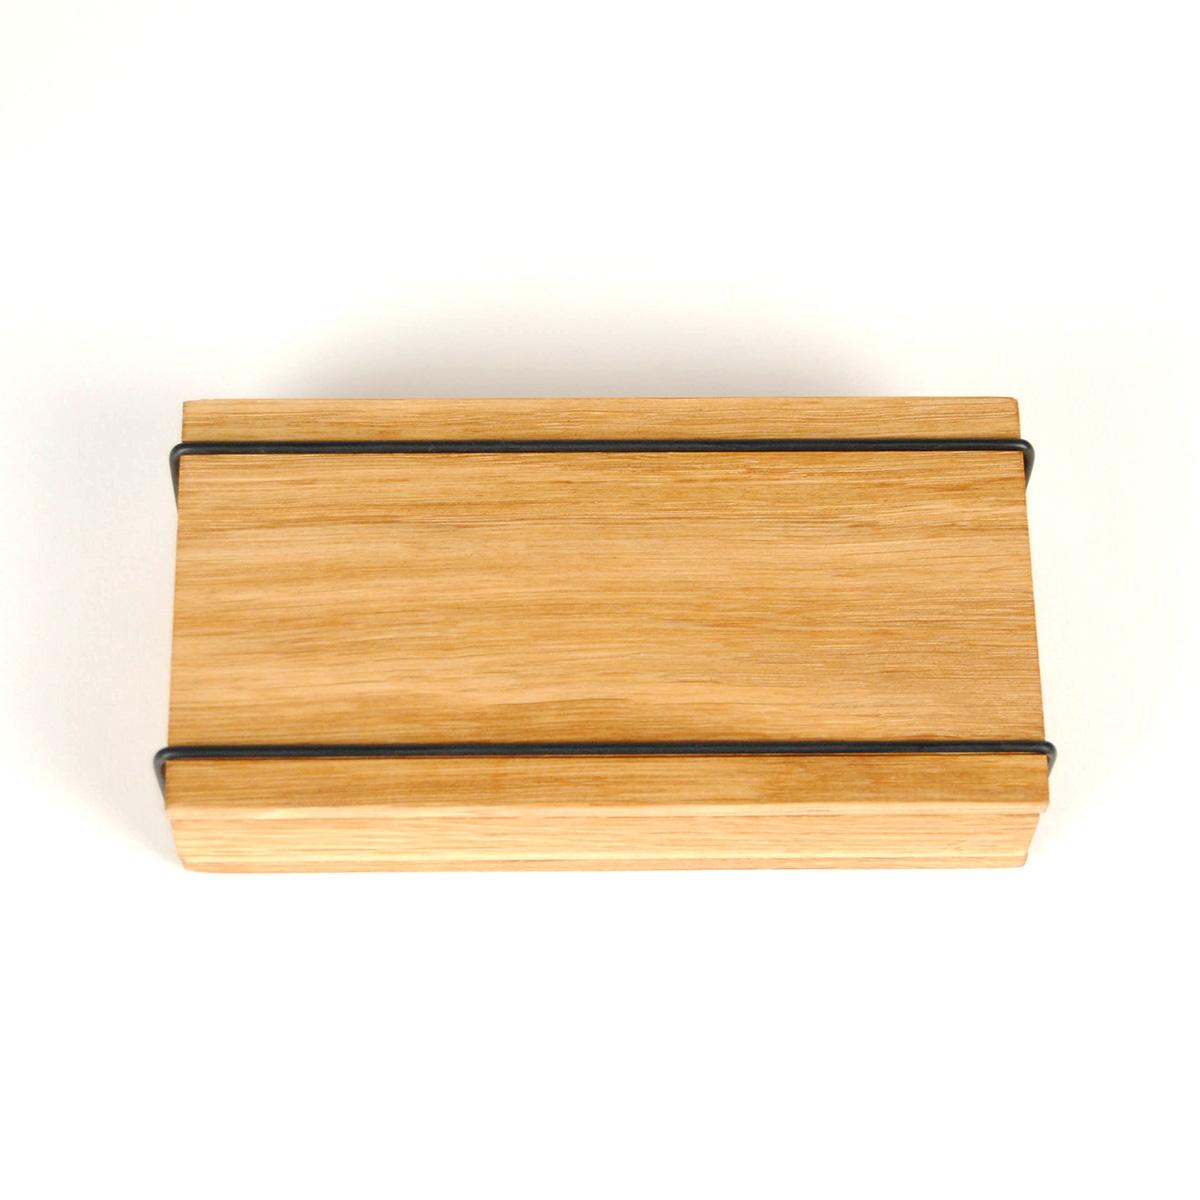 venezia-modellino-design-venice-box-design